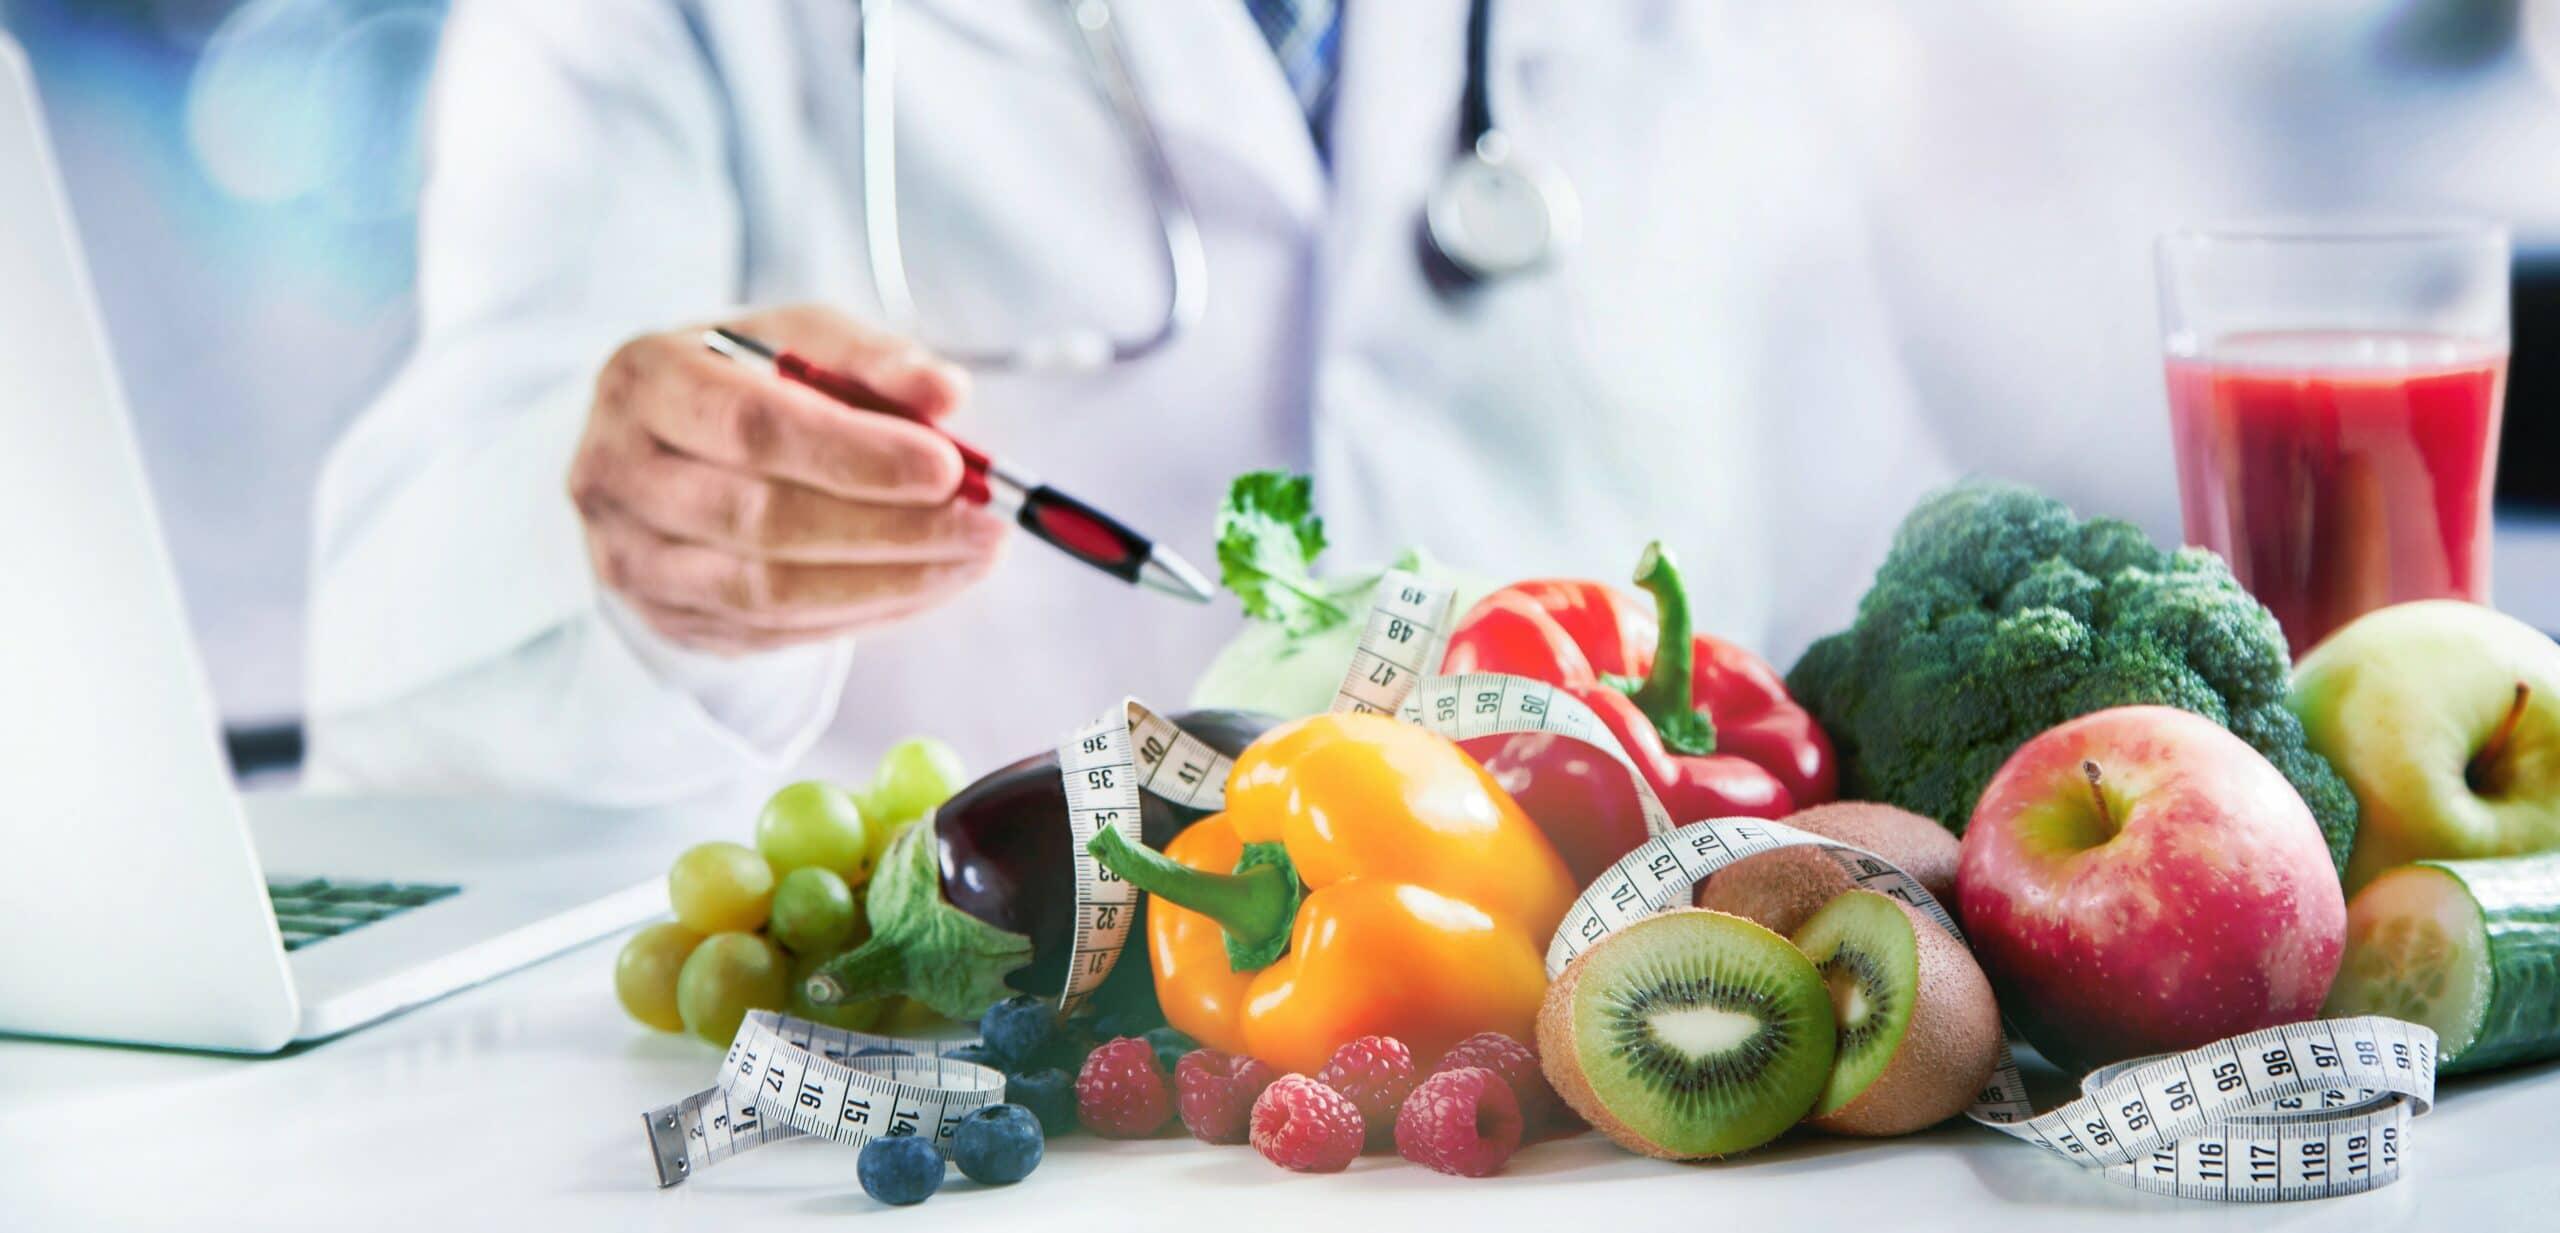 dieta per abbassare il colesterolo alto